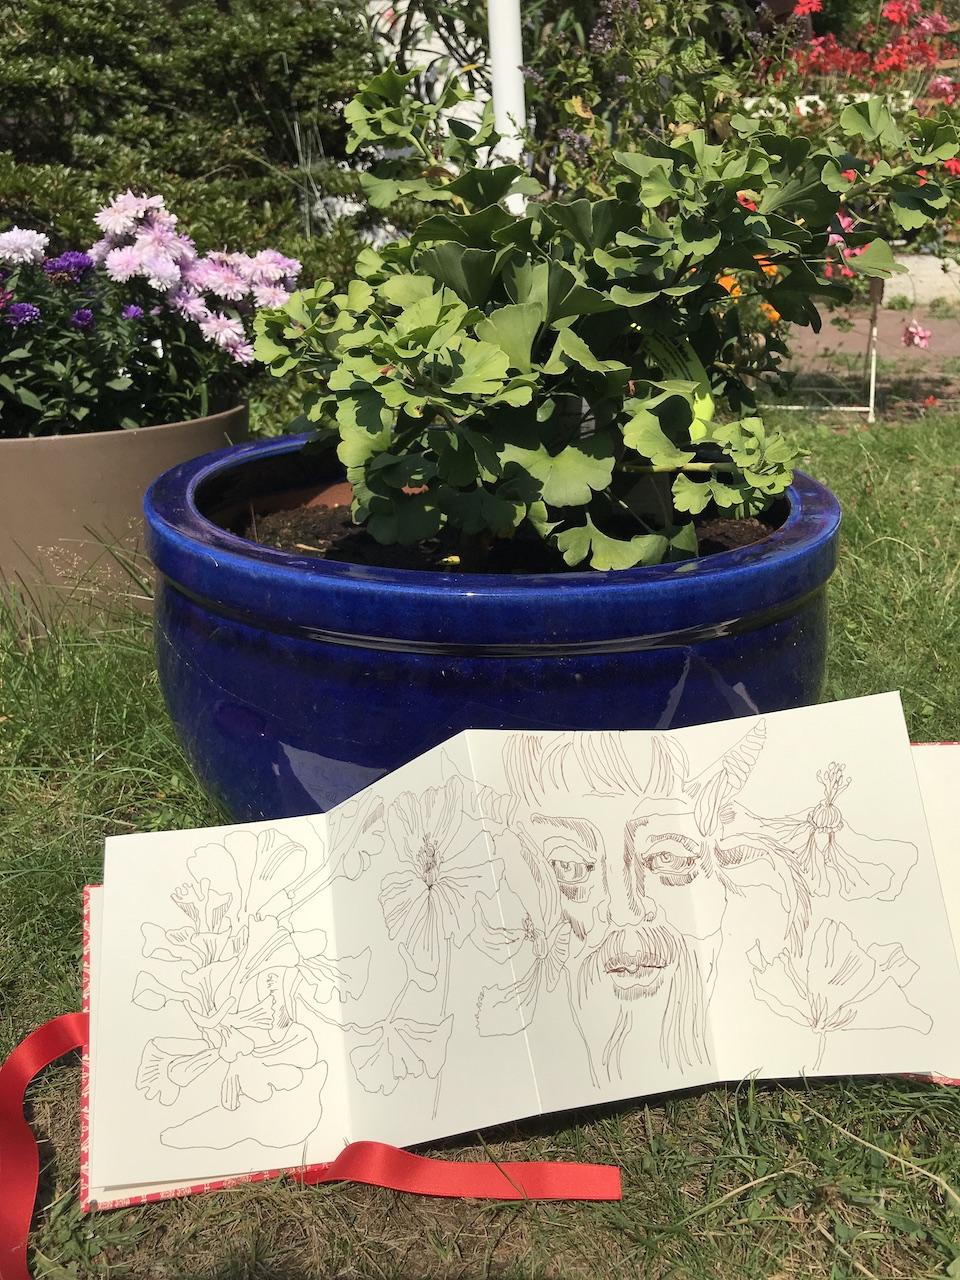 Entstehung Zeichnungen auf Leporello, zeichnung von Susanne Haun (c) VG Bild-Kunst, Bonn 2020